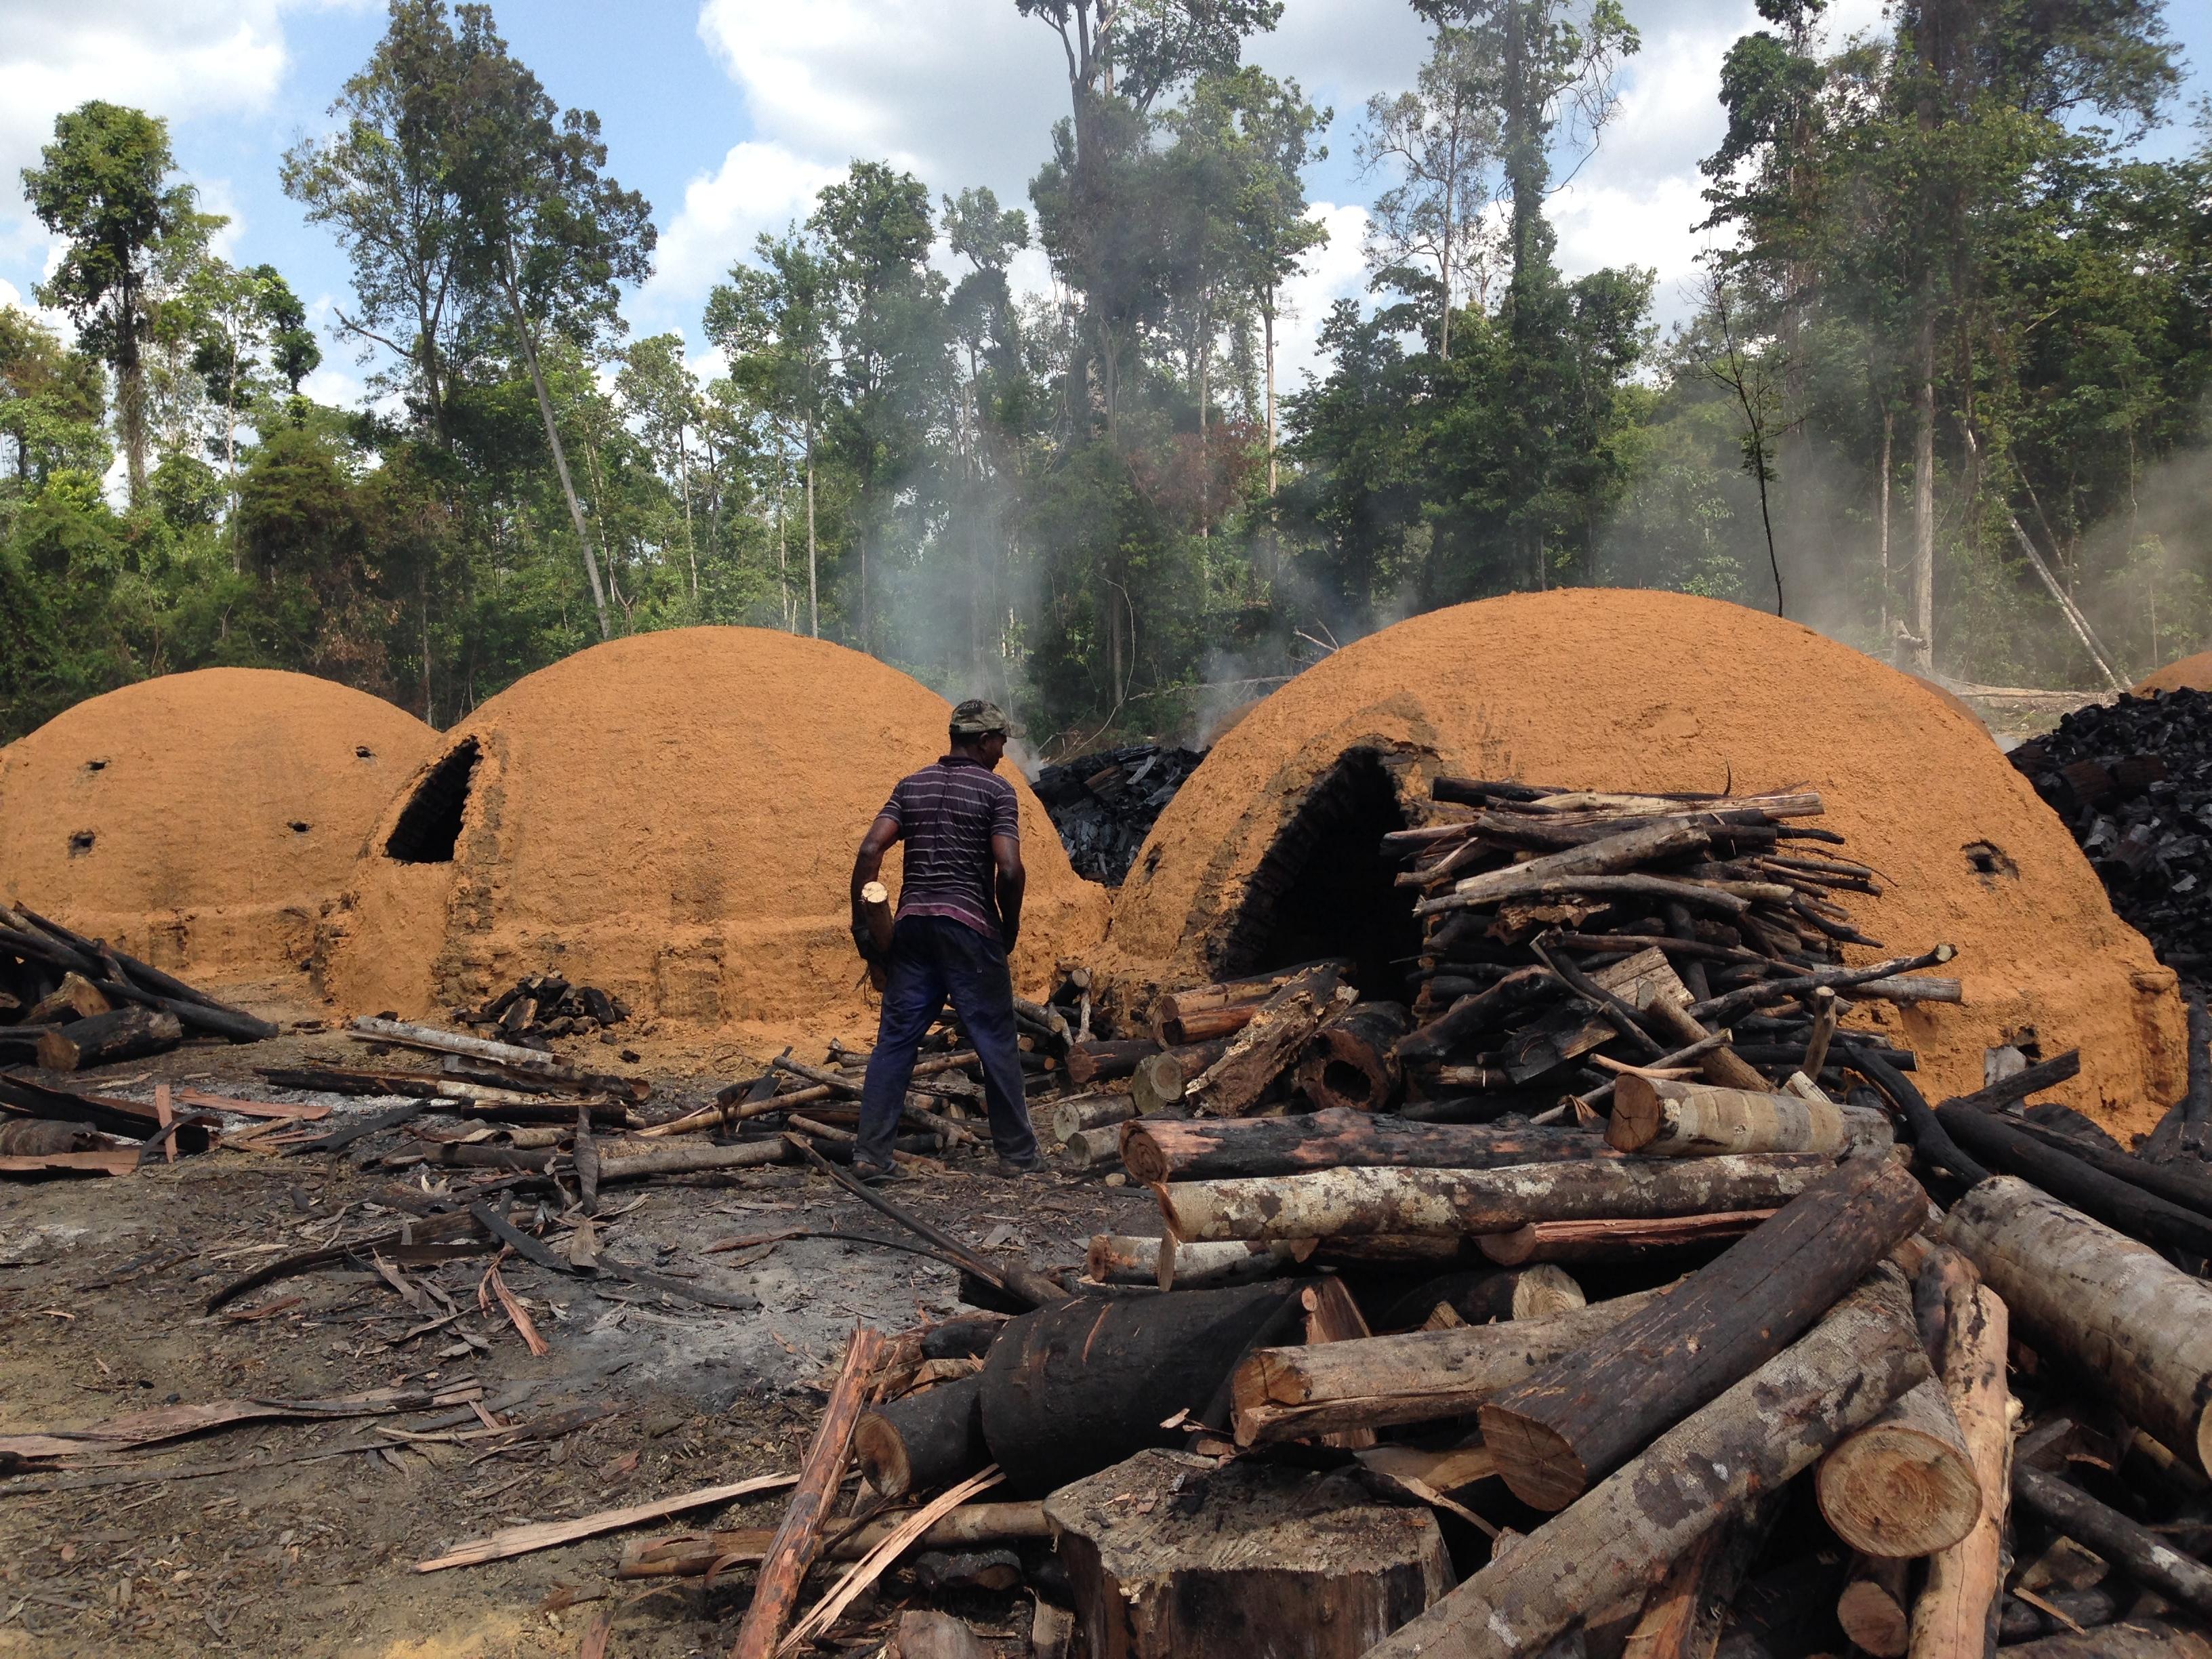 Trabalho Escravo - Foto MP Pará